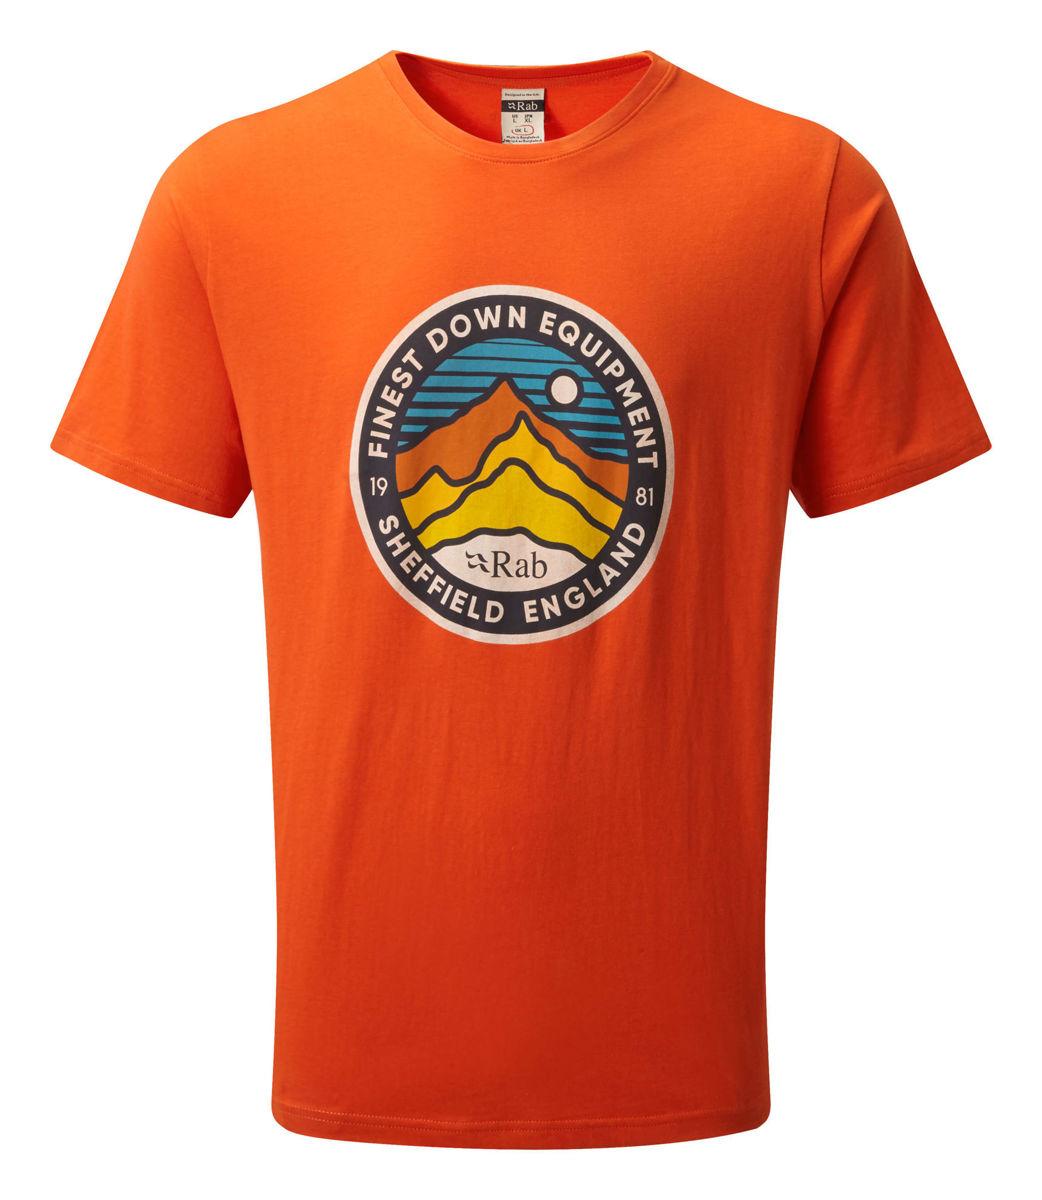 Oransje T-skjorte til herre med stort trykk foran